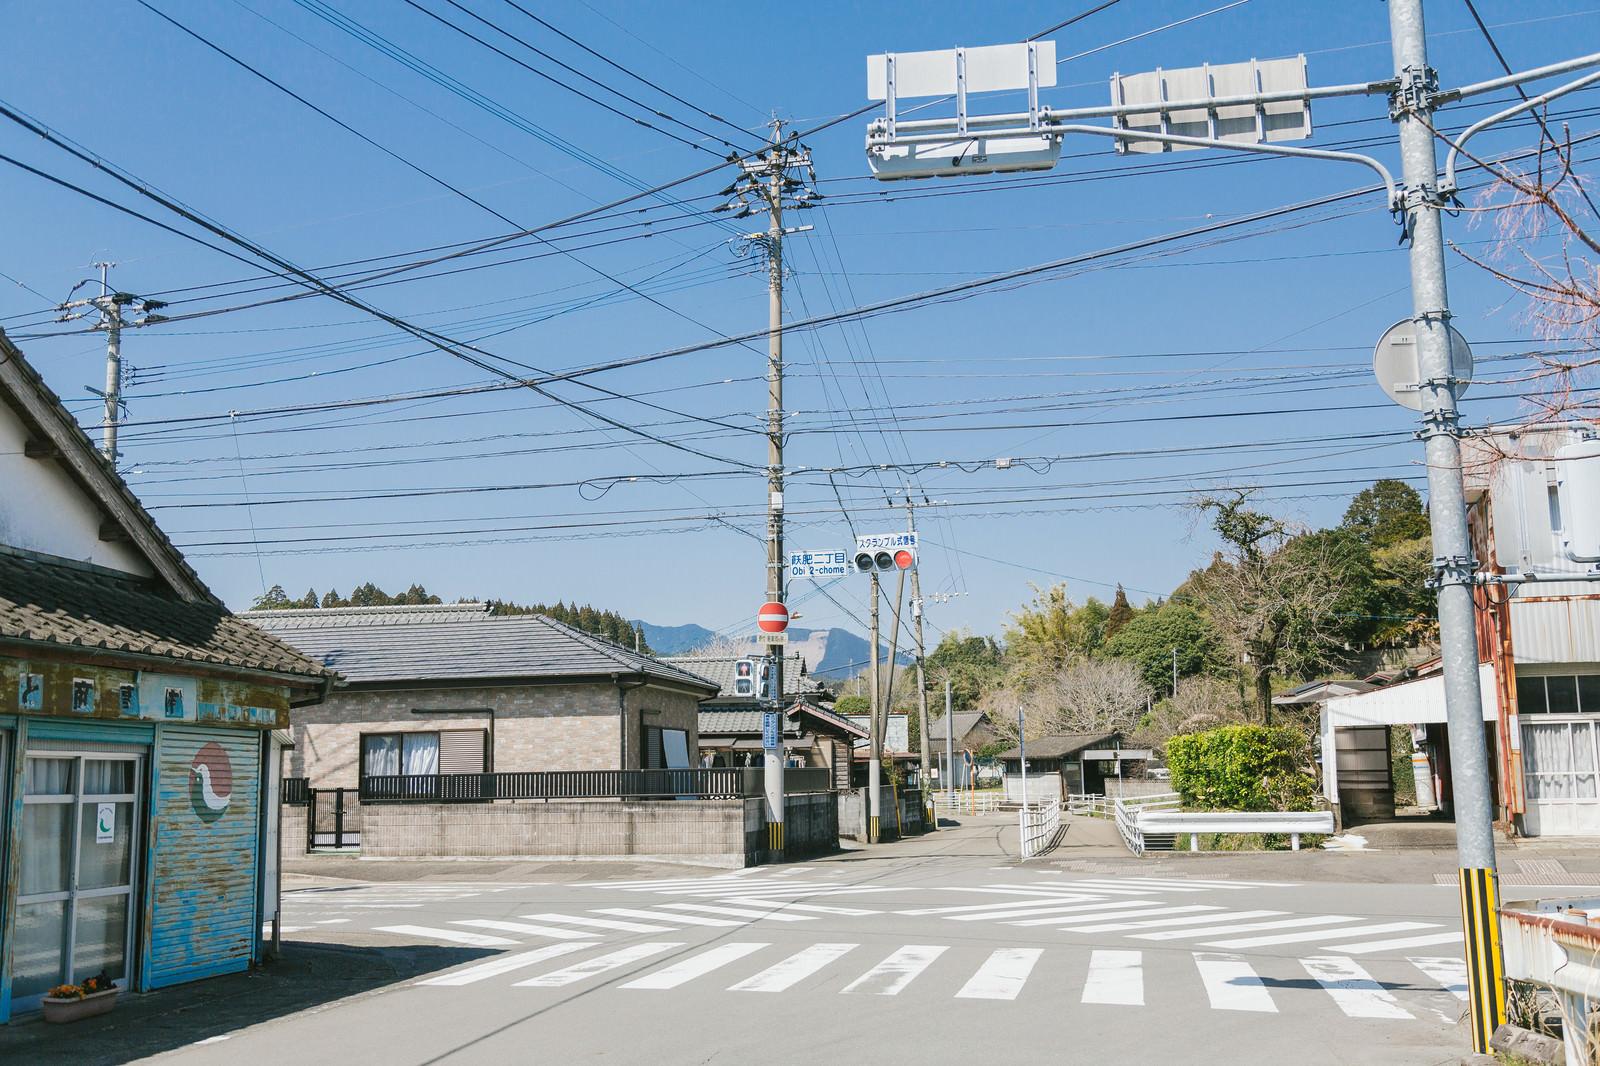 「どうしてこの場所をスクランブル交差点にしたのか… 宮崎県日南市の飫肥二丁目交差点どうしてこの場所をスクランブル交差点にしたのか… 宮崎県日南市の飫肥二丁目交差点」のフリー写真素材を拡大